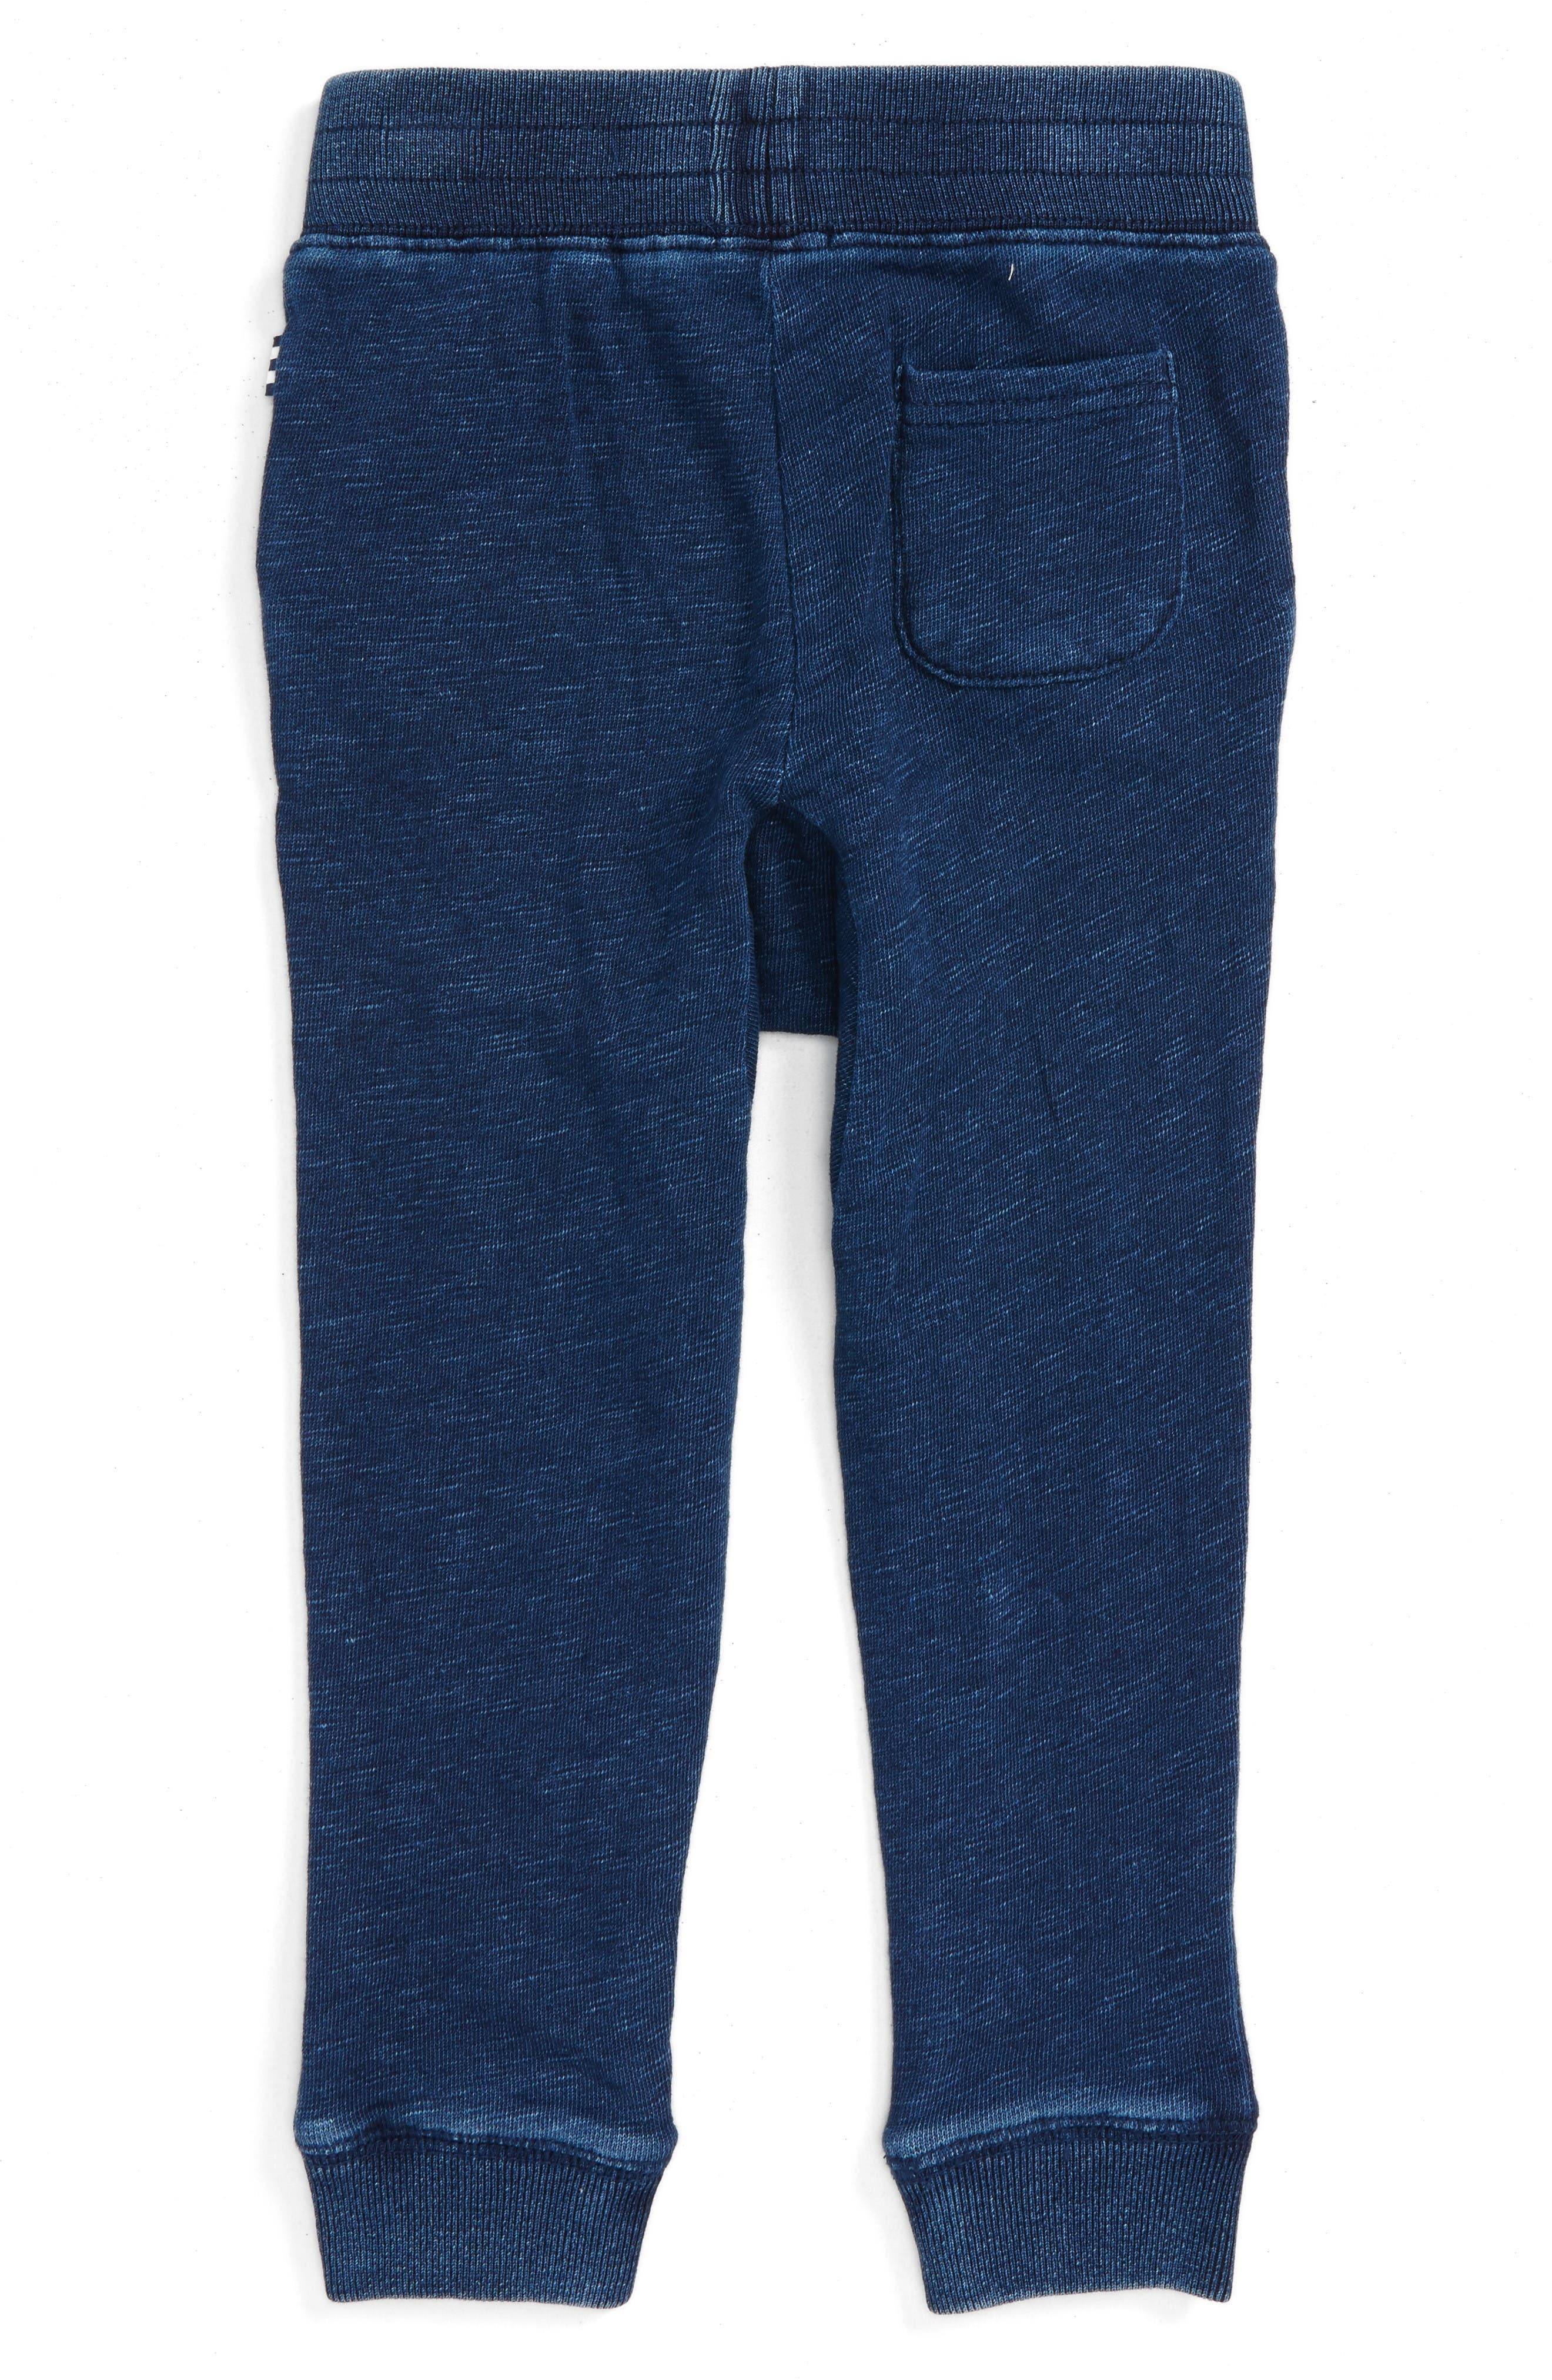 Alternate Image 2  - Splendid Double Knit Jogger Pants (Toddler Boys & Little Boys)